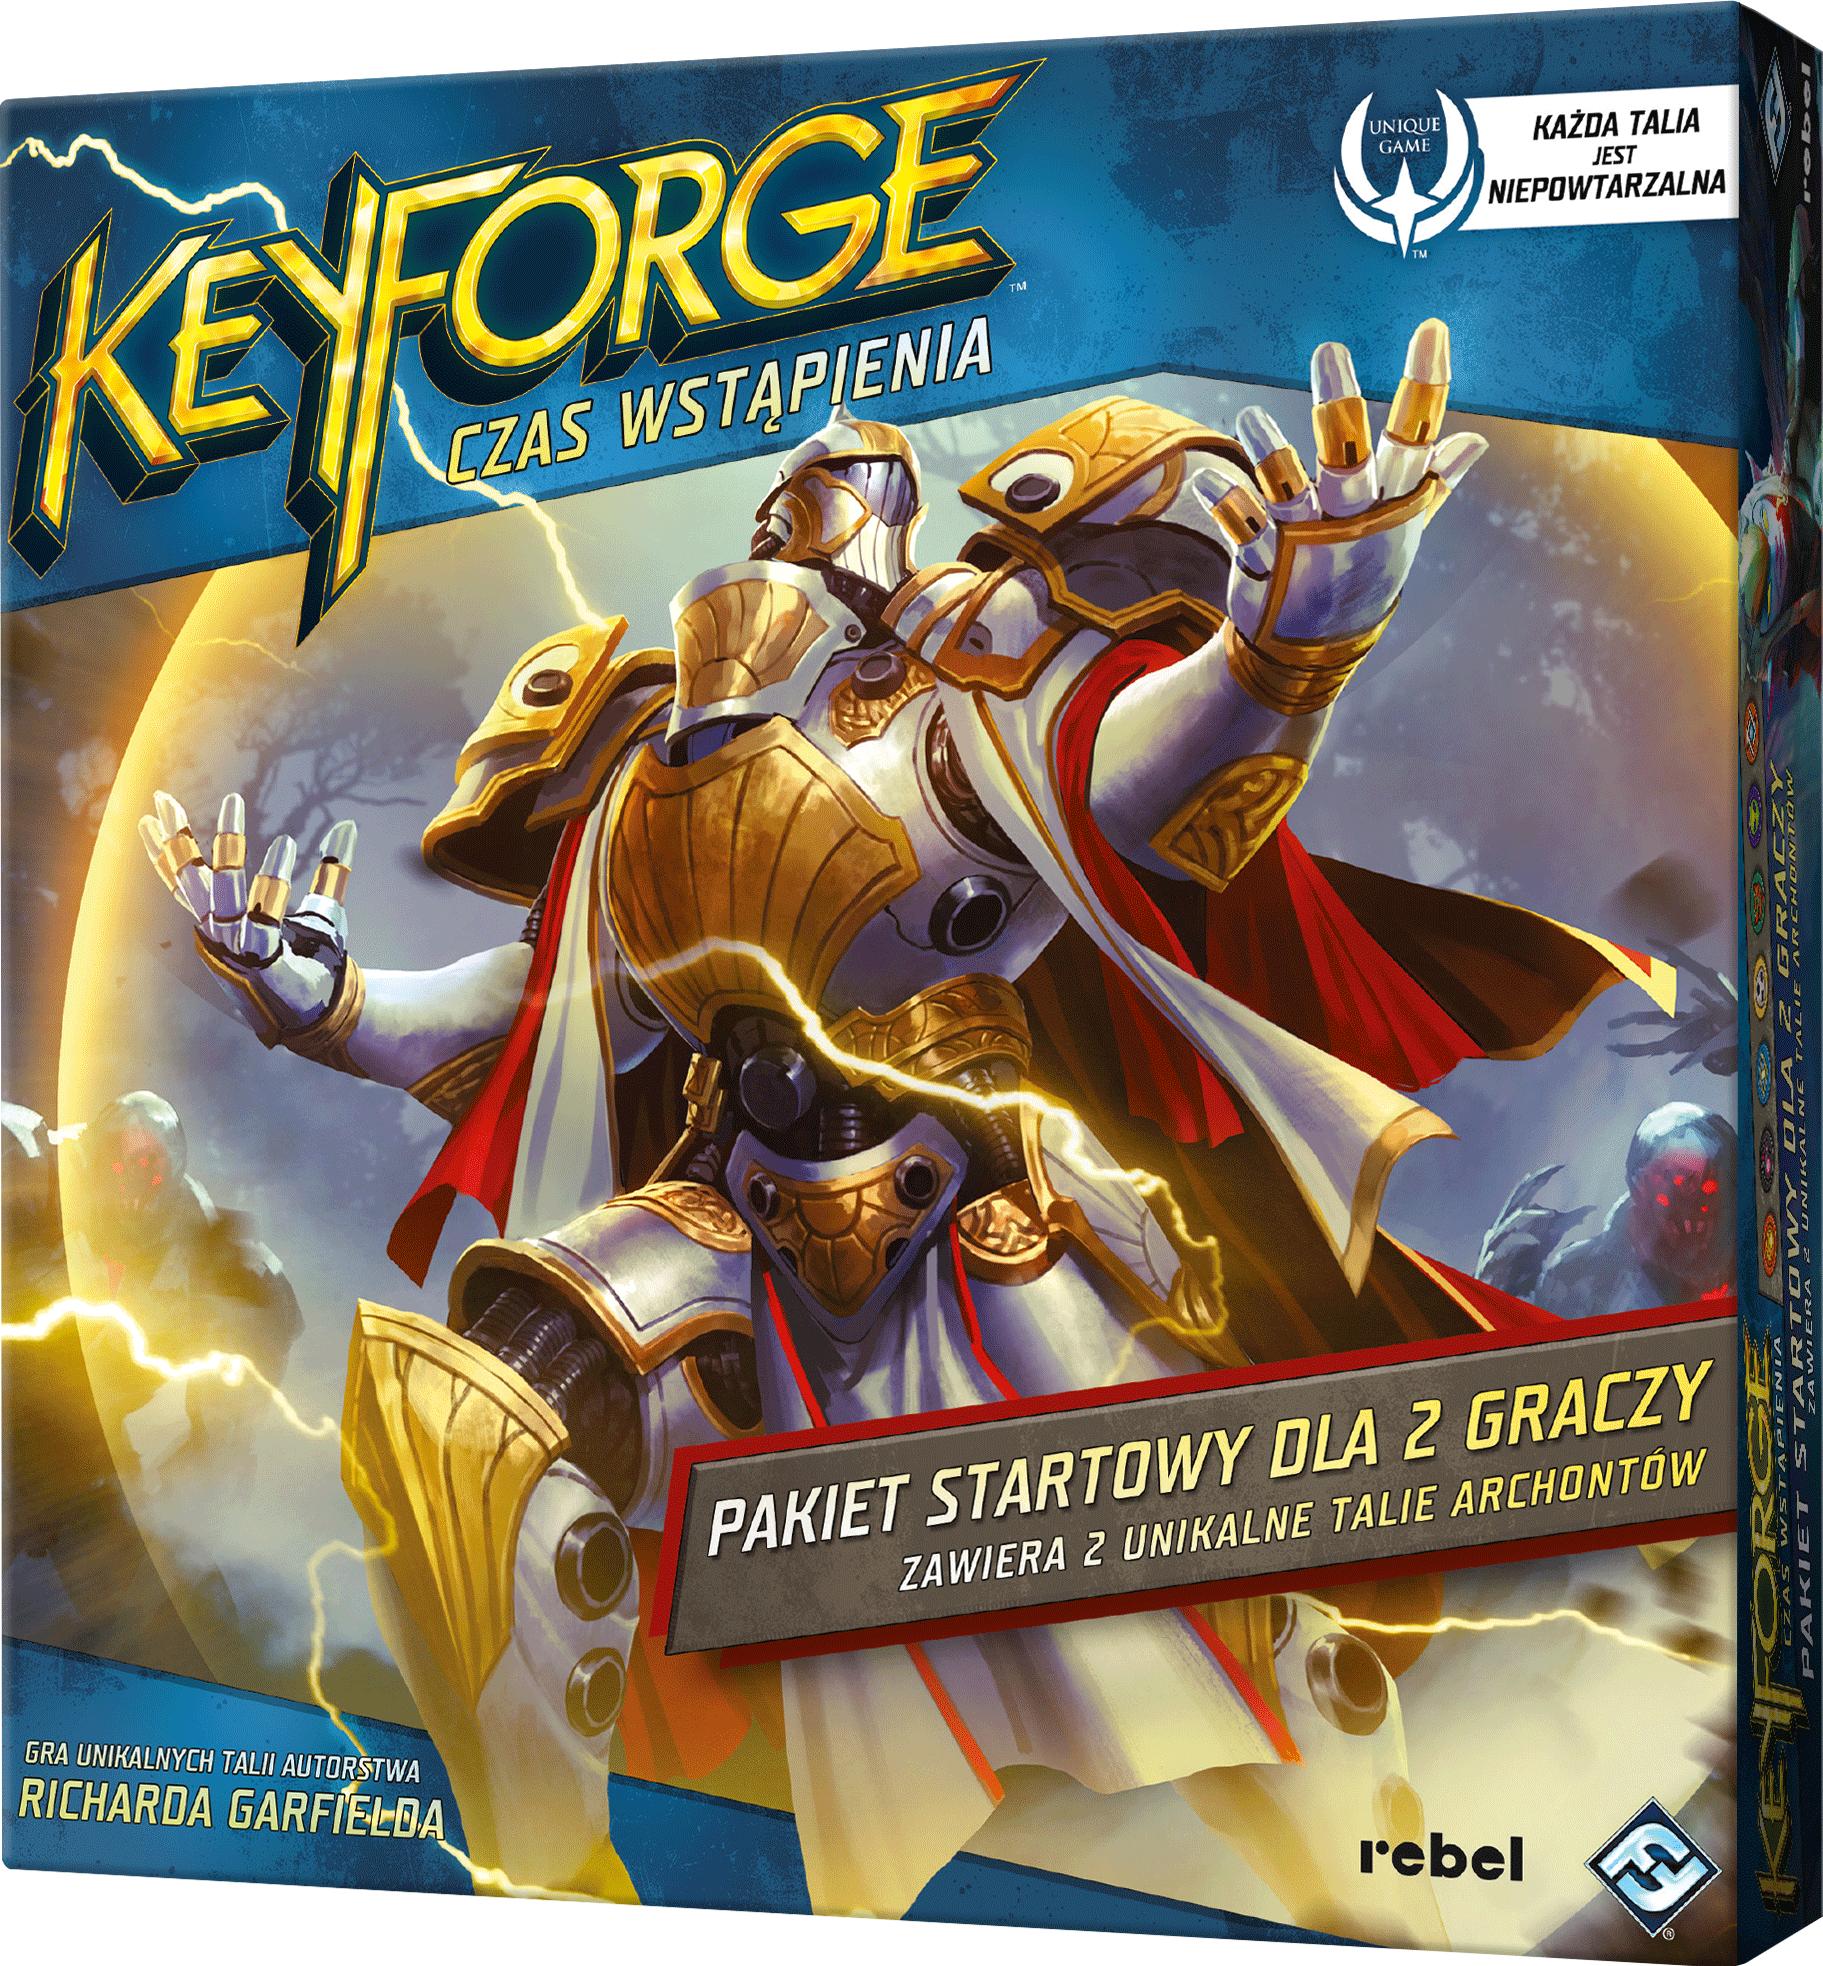 KeyForge: Czas Wstąpienia - Pakiet startowy